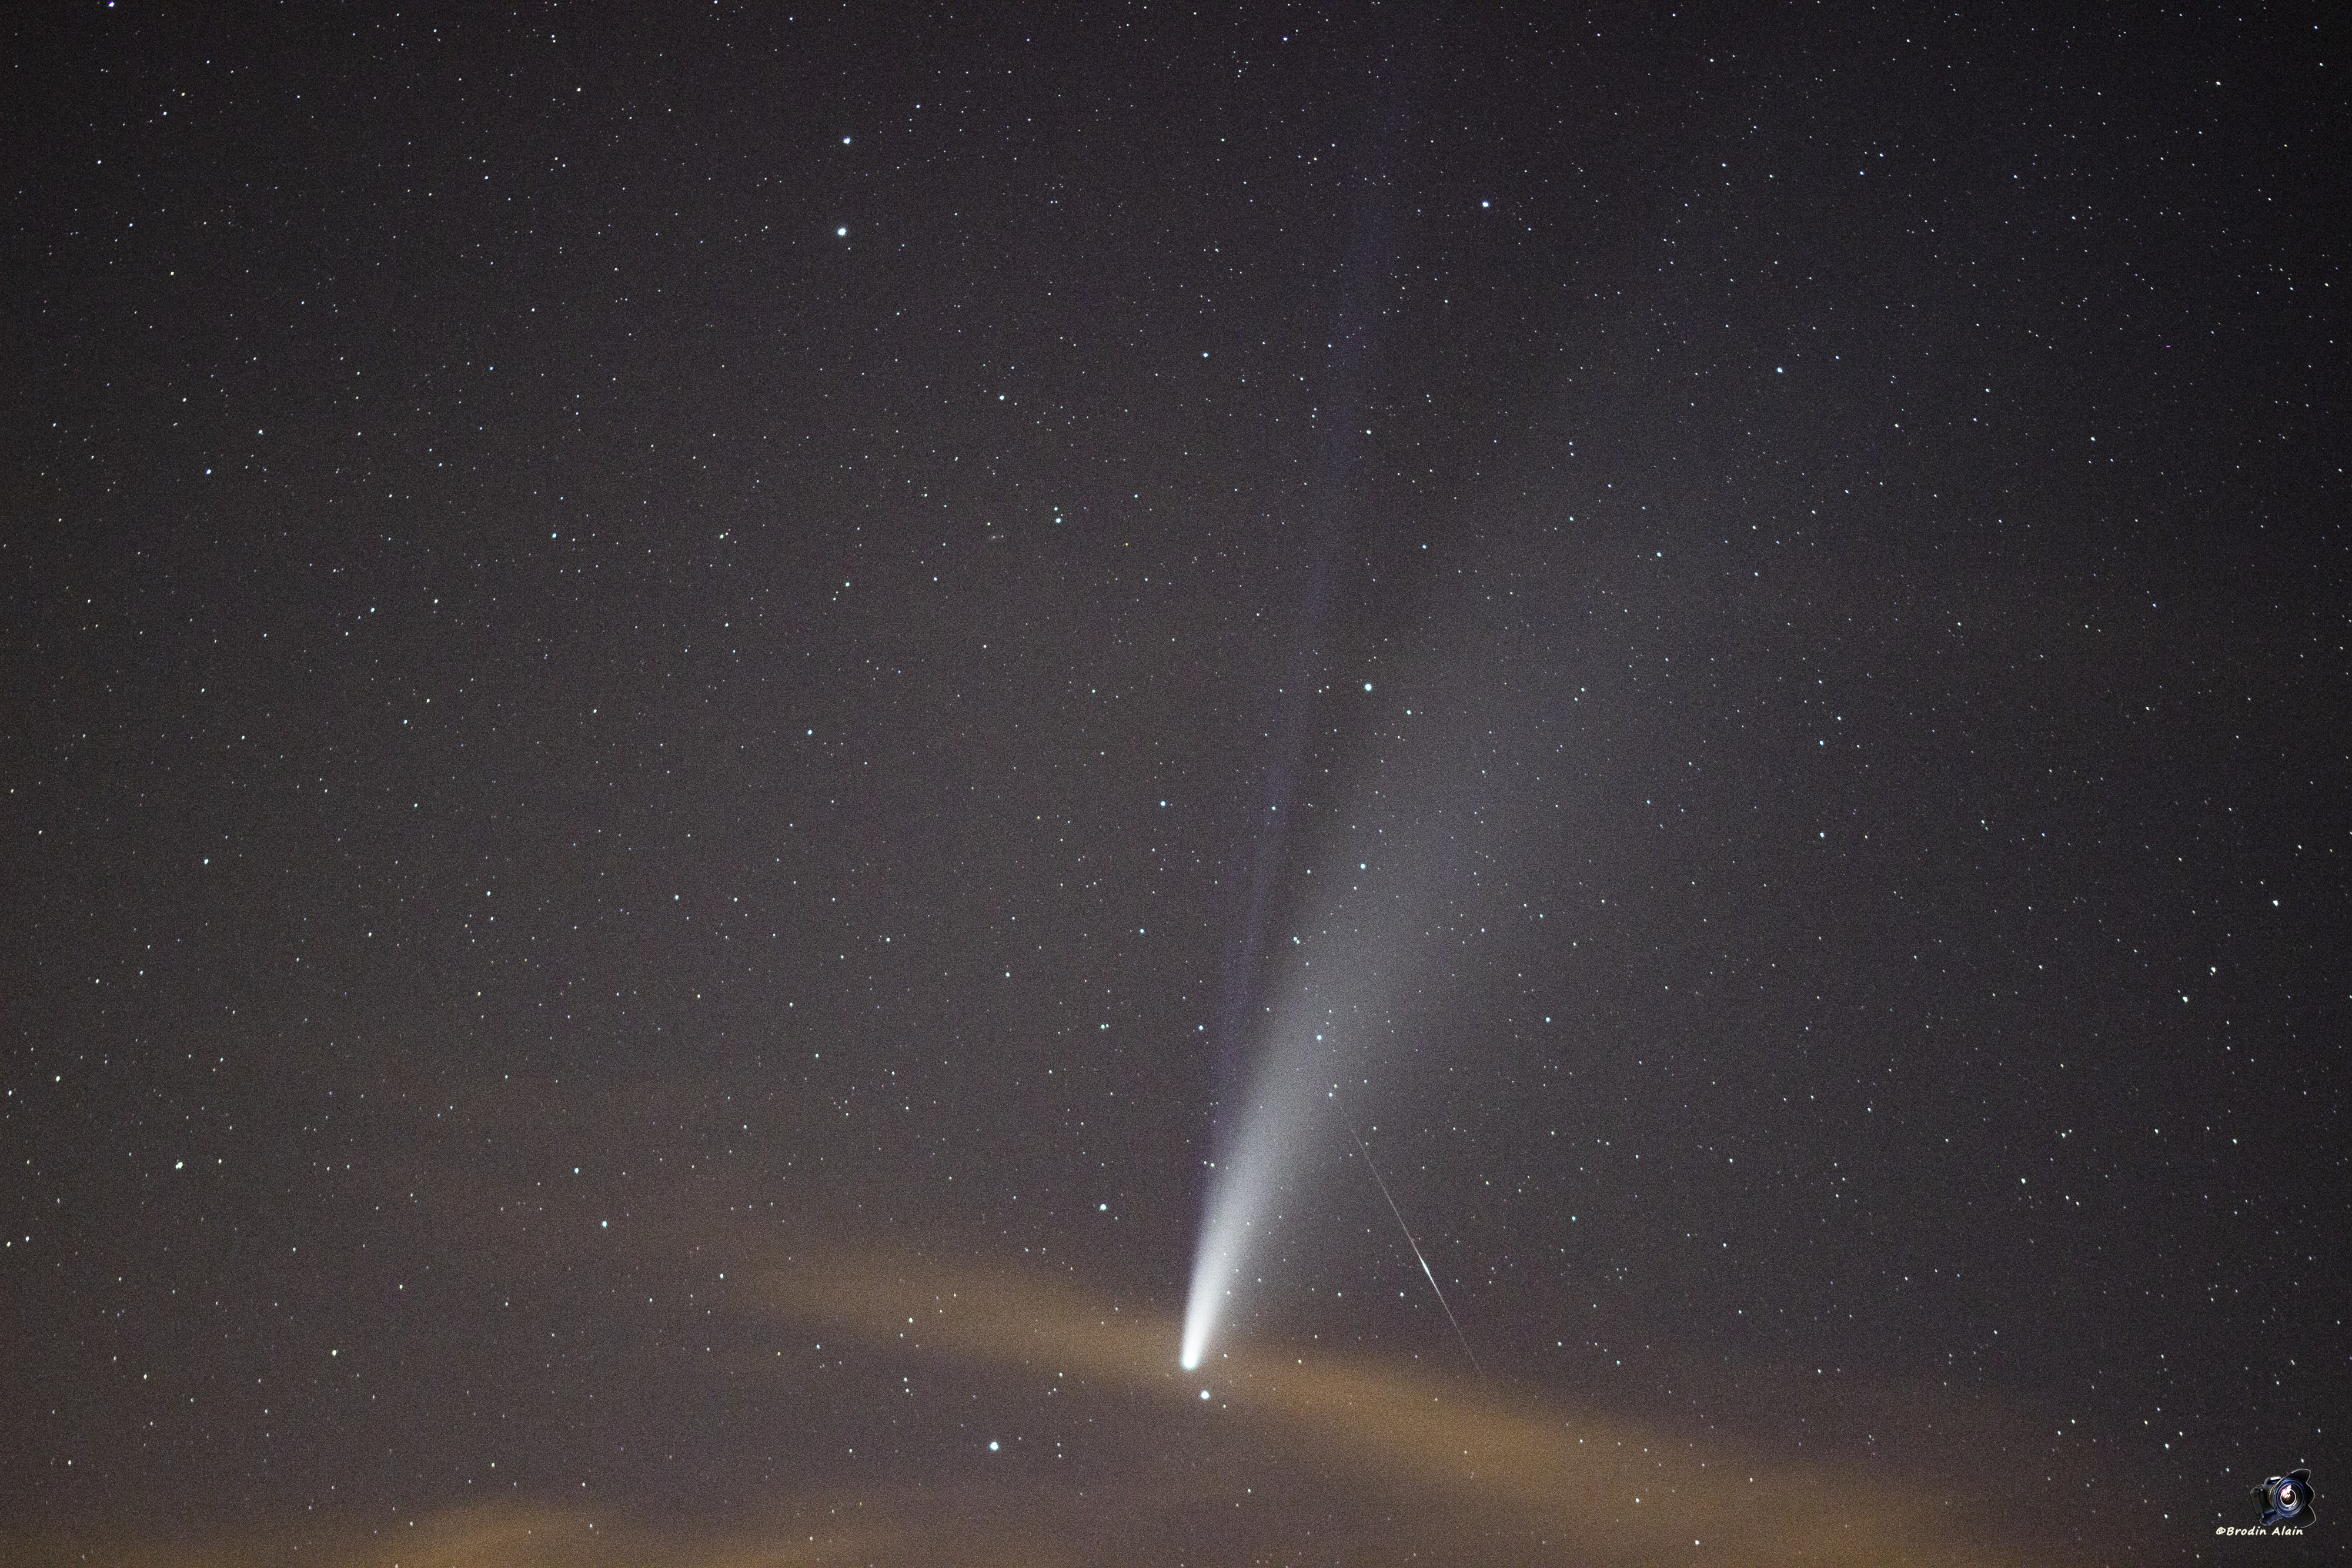 La cométe C/2020 F3 (NEOWISE) du 18 07 2020